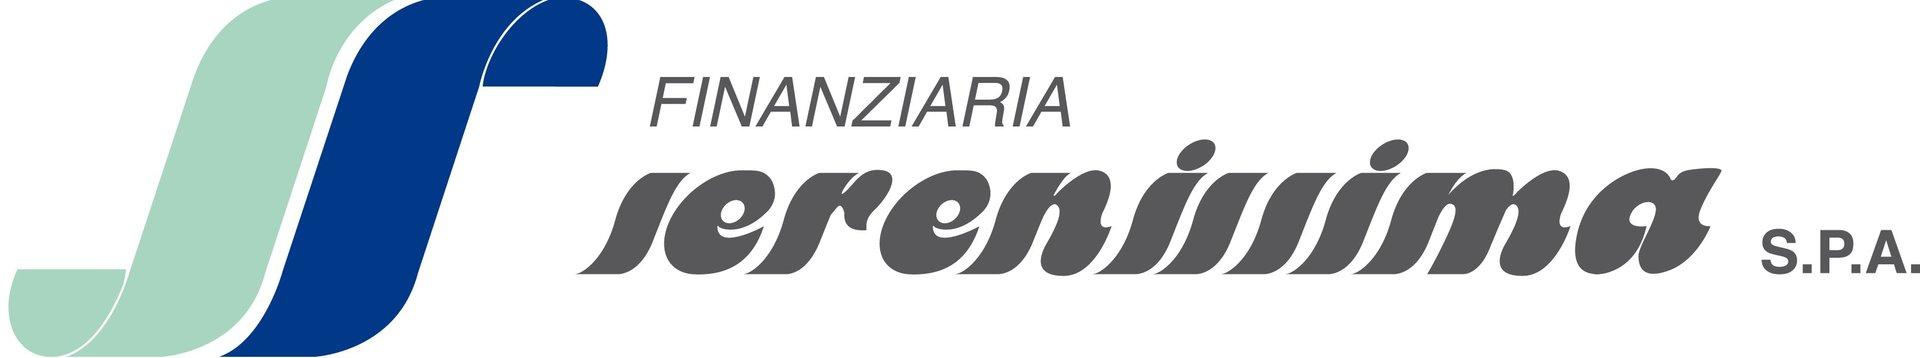 FINANZIARIA SERENISSIMA spa - LOGO